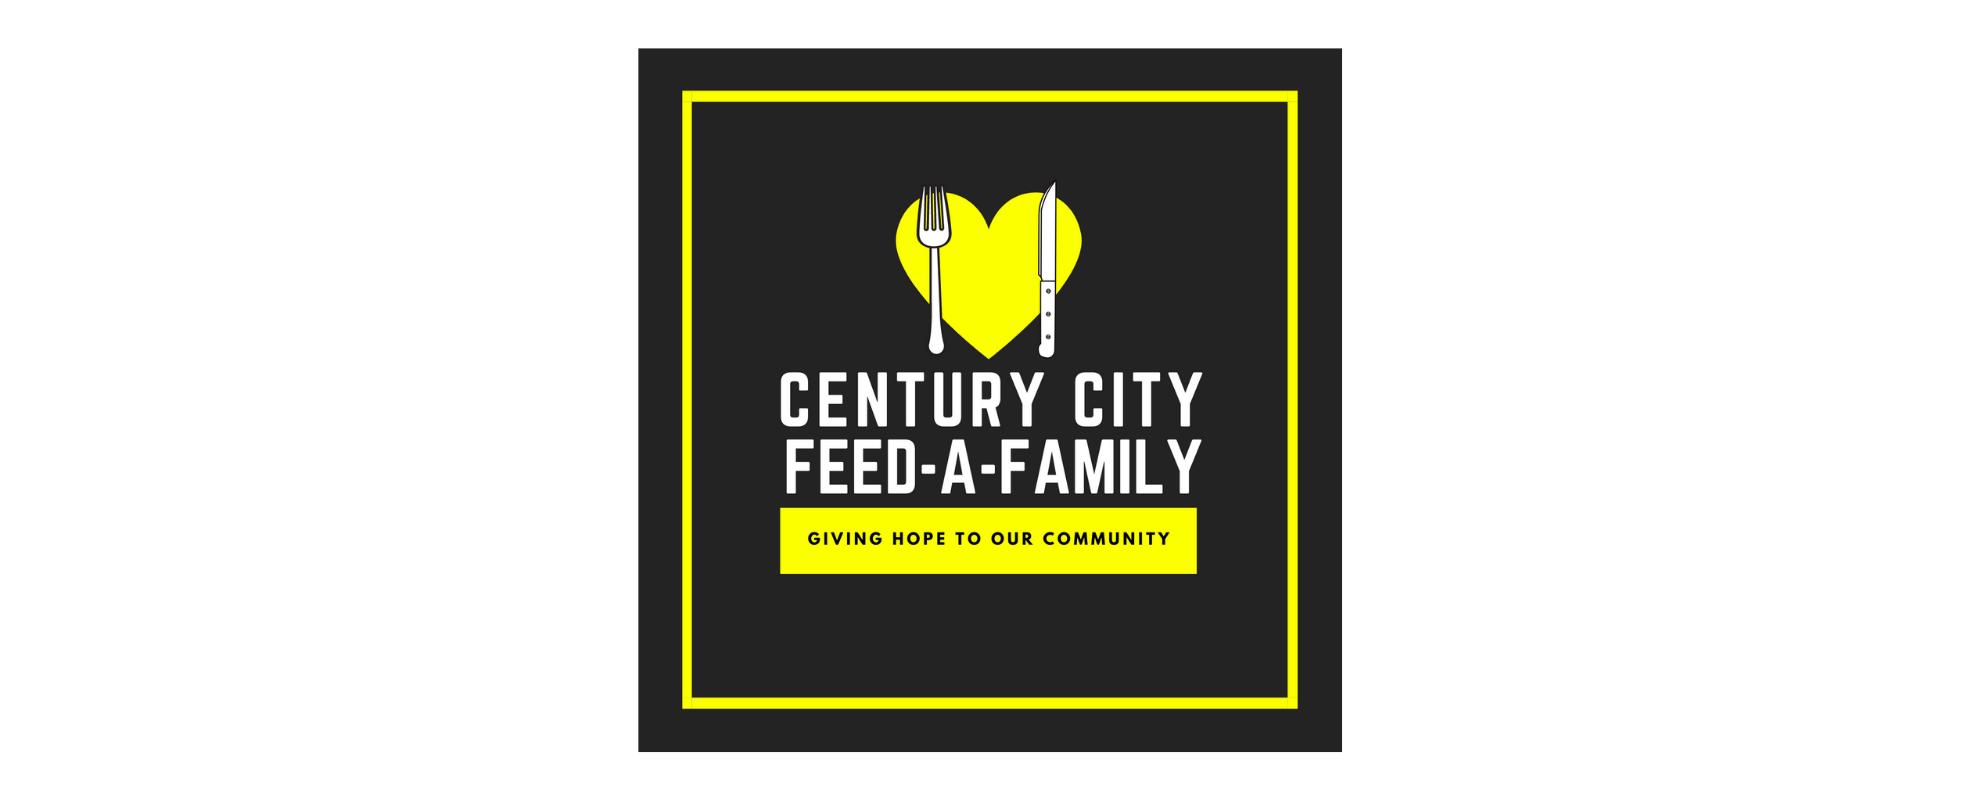 Century City Feed-A-Family logo